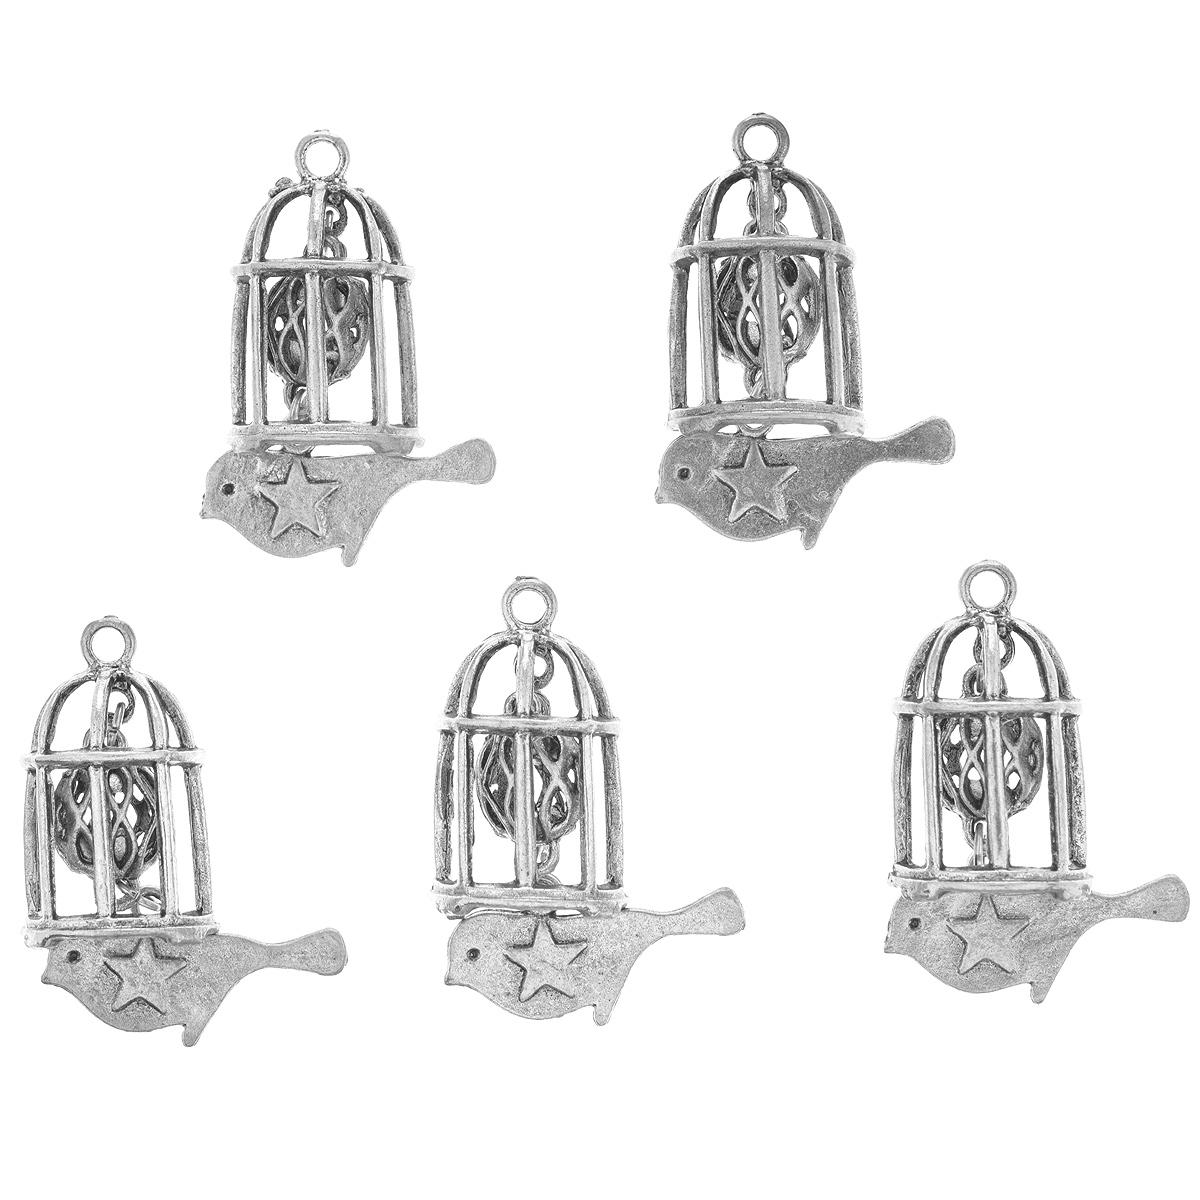 Набор подвесок ScrapBerrys Клетка с кулоном, цвет: серебристый, 29 мм х 95 мм, 5 штSCB25011534sНабор ScrapBerrys Клетка с кулоном состоит из 5 декоративных подвесок, выполненных из металла. Изделия предназначены для создания бижутерии, их также можно использовать для украшения альбомов, открыток, рамок, скрап-страничек. Подвески ScrapBerrys помогут воплотить вашу творческую задумку и создать оригинальную неповторимую бижутерию.